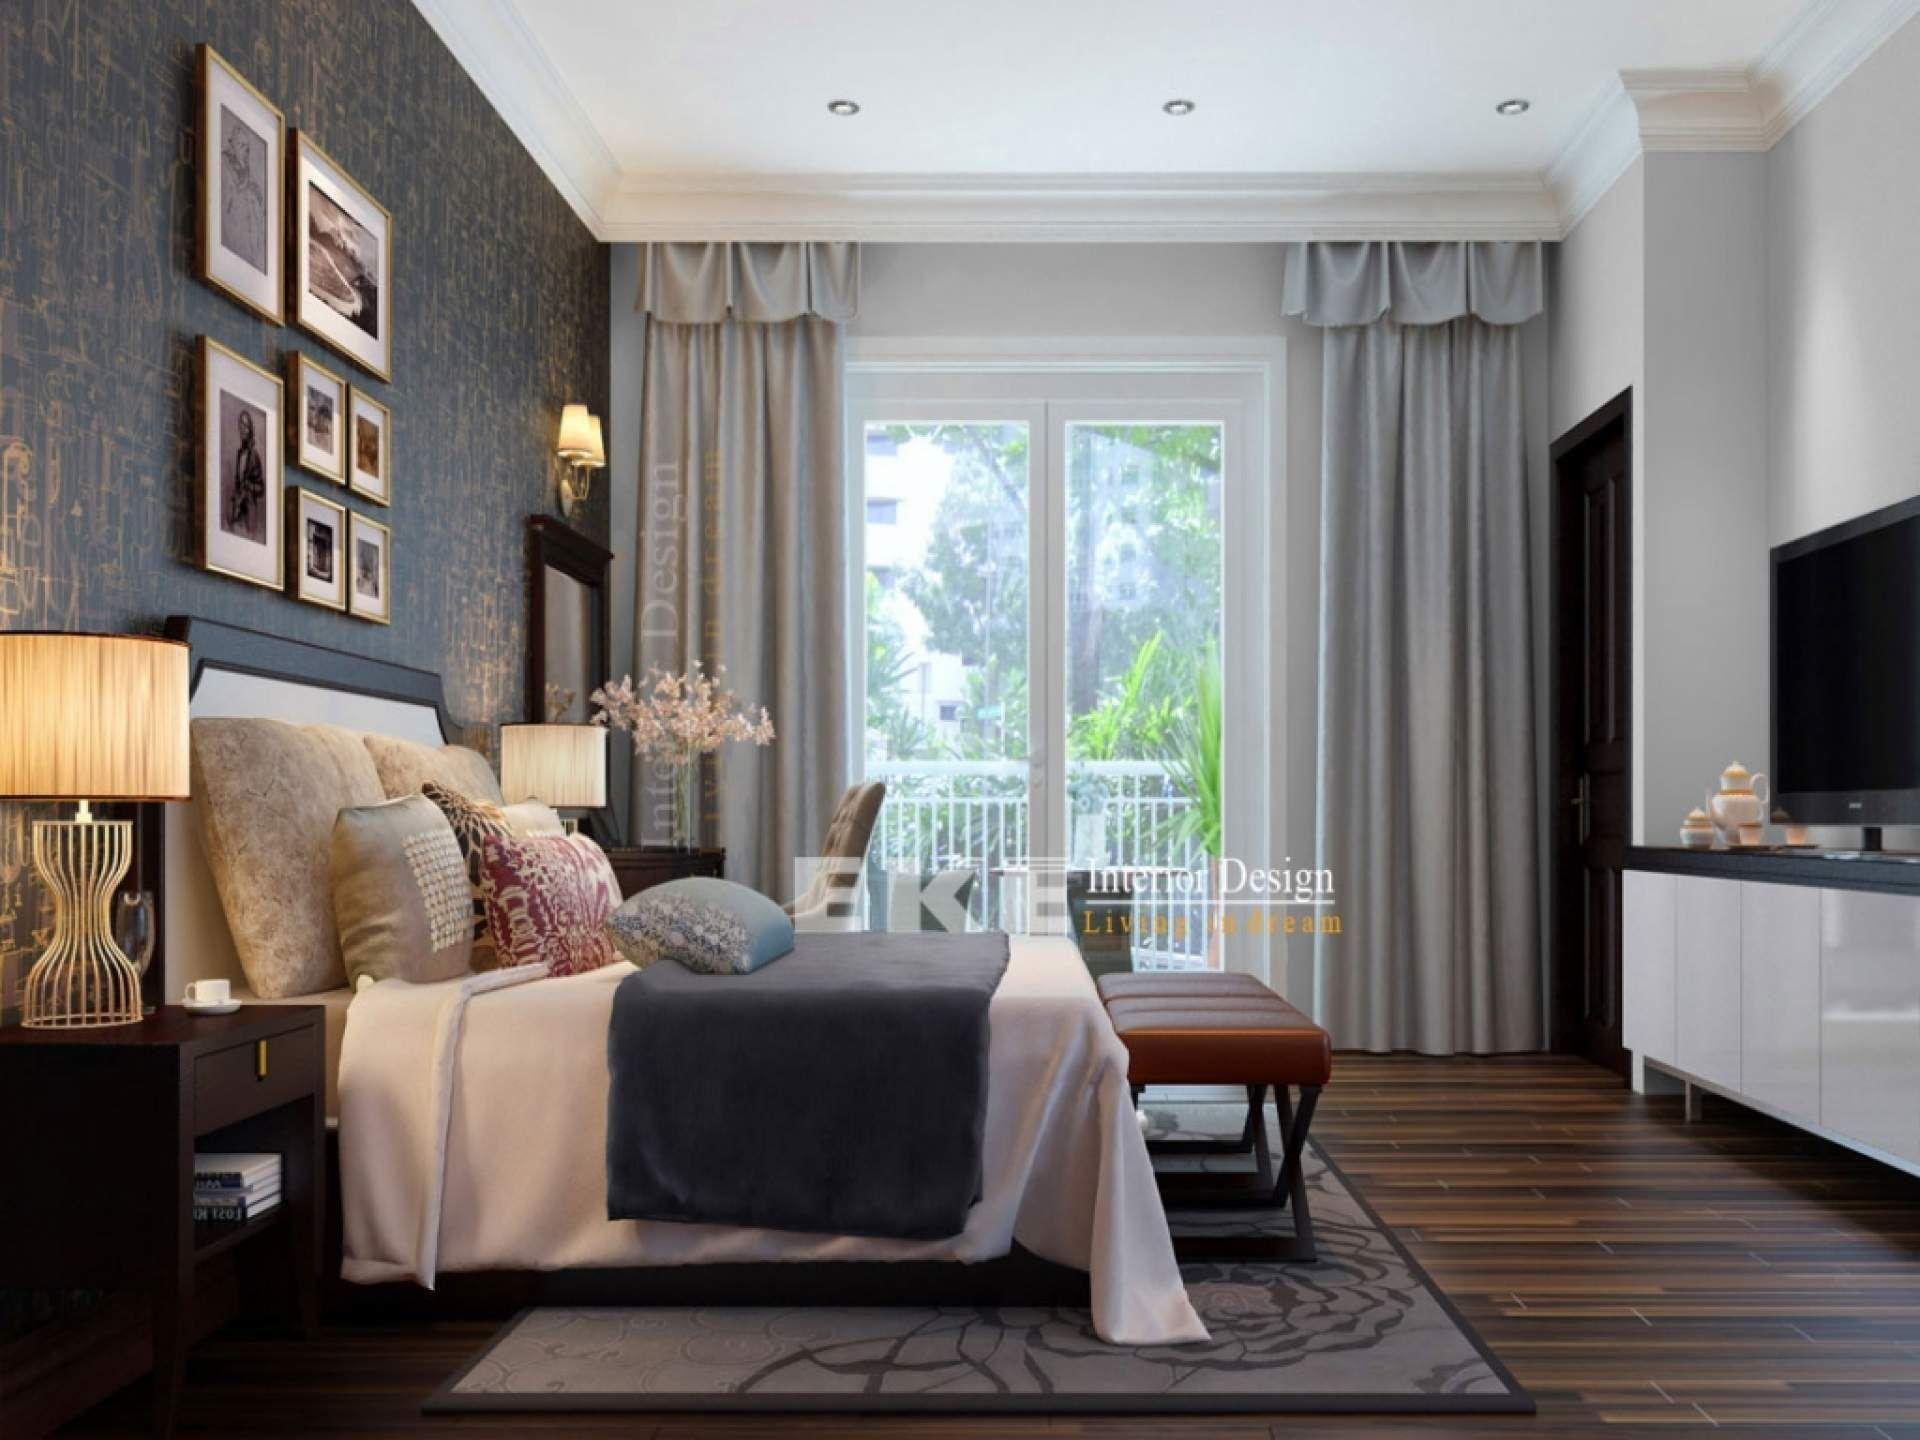 Impressive Modern Concept Classic Interior Bedroom Decor With Pretty